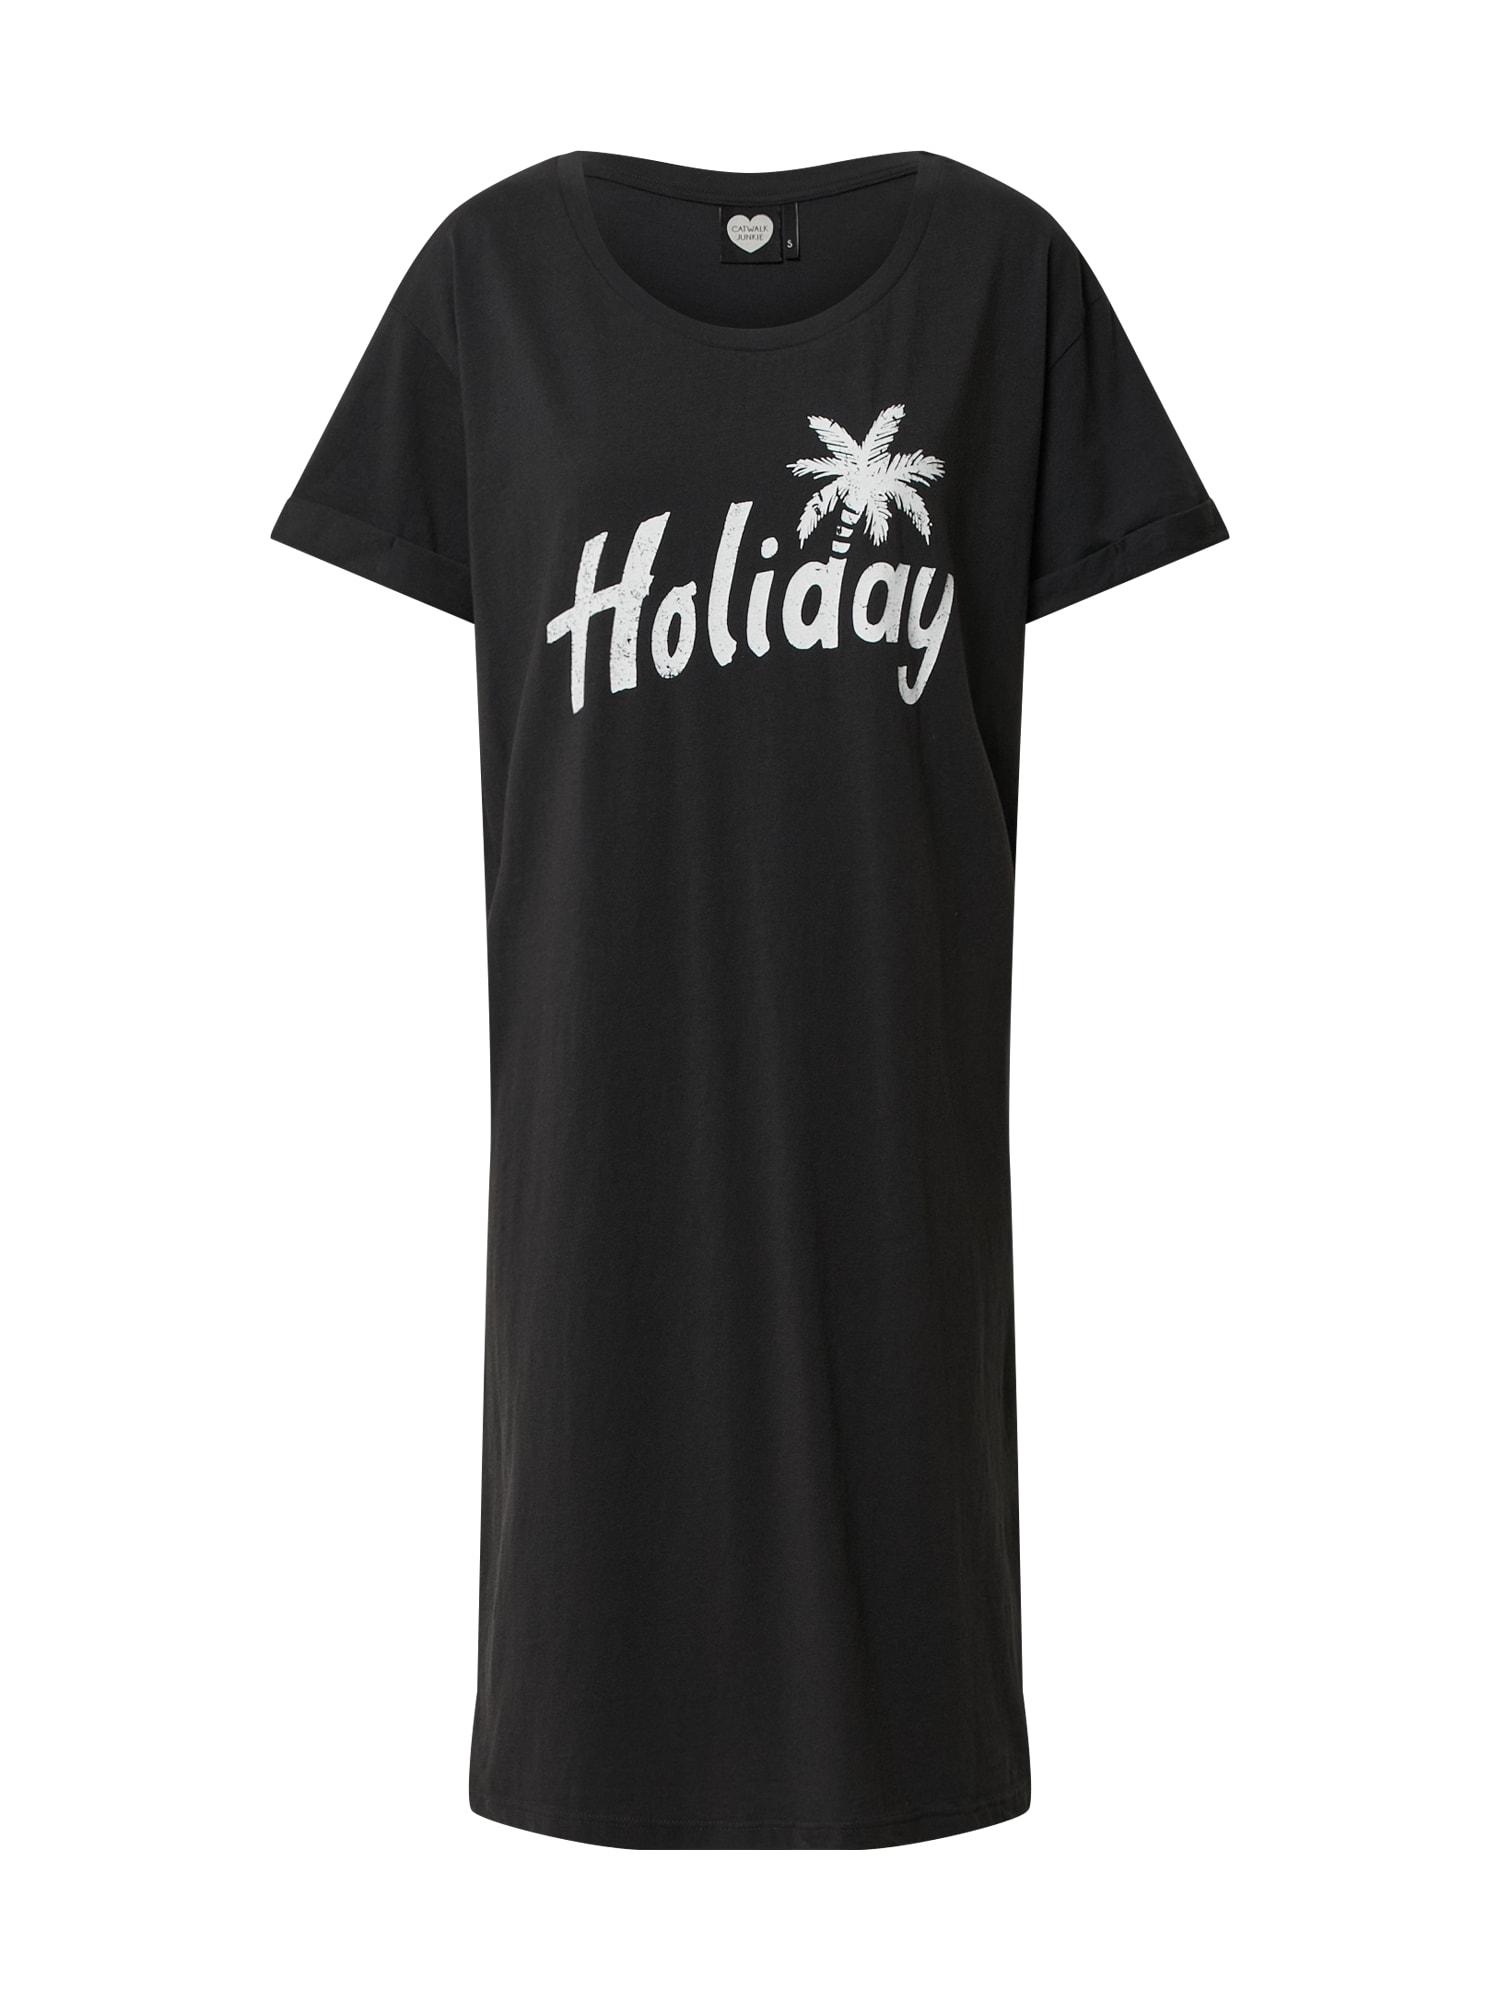 CATWALK JUNKIE Vasarinė suknelė 'Dr Summer Holiday' tamsiai pilka